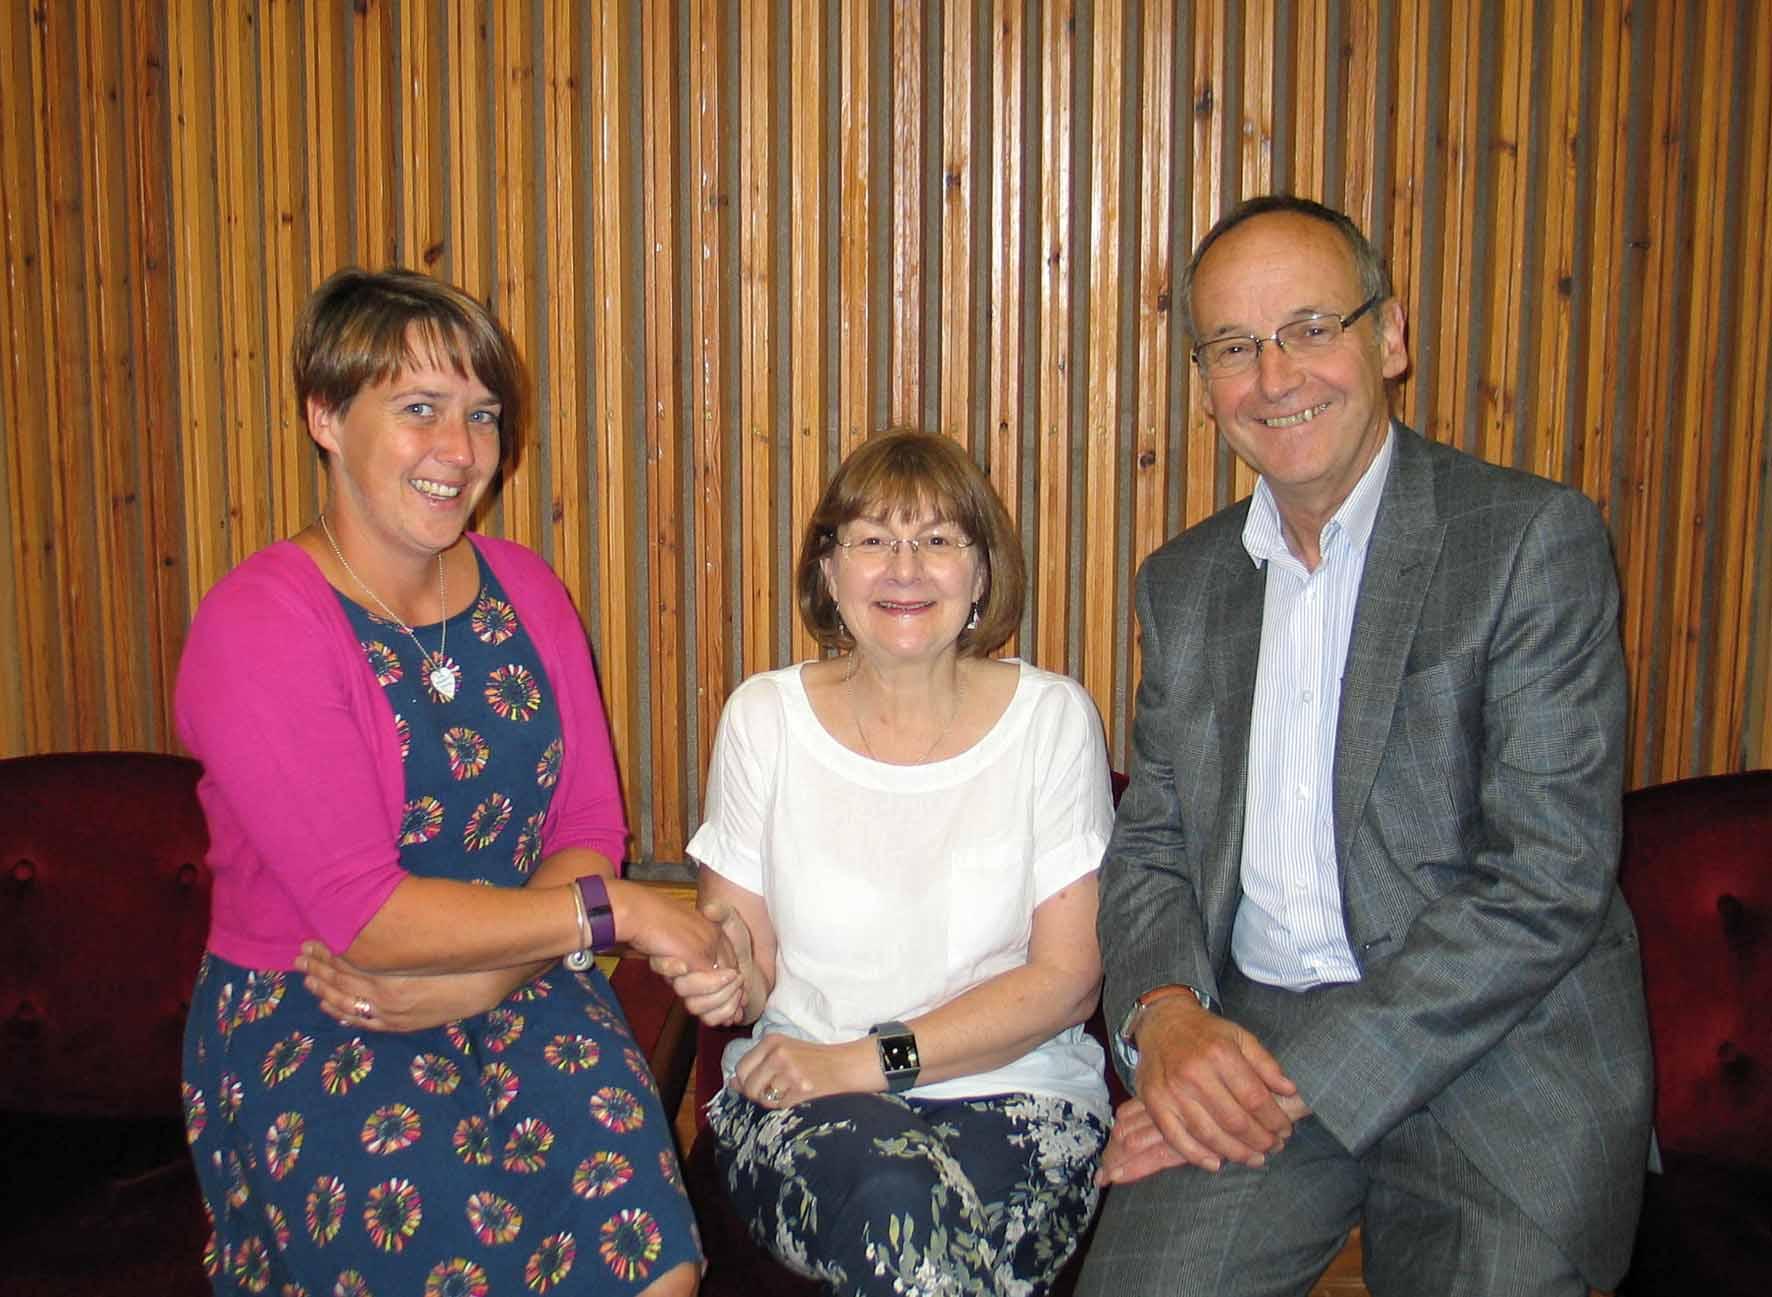 Outgoing chair, Cllr Sian Hughes, Morfa Nefyn welcomes Glyder Cllr Elin Walker-Jones as new chair, with Plaid Gwynedd Leader, Cllr Dyfrig Siencyn pictured